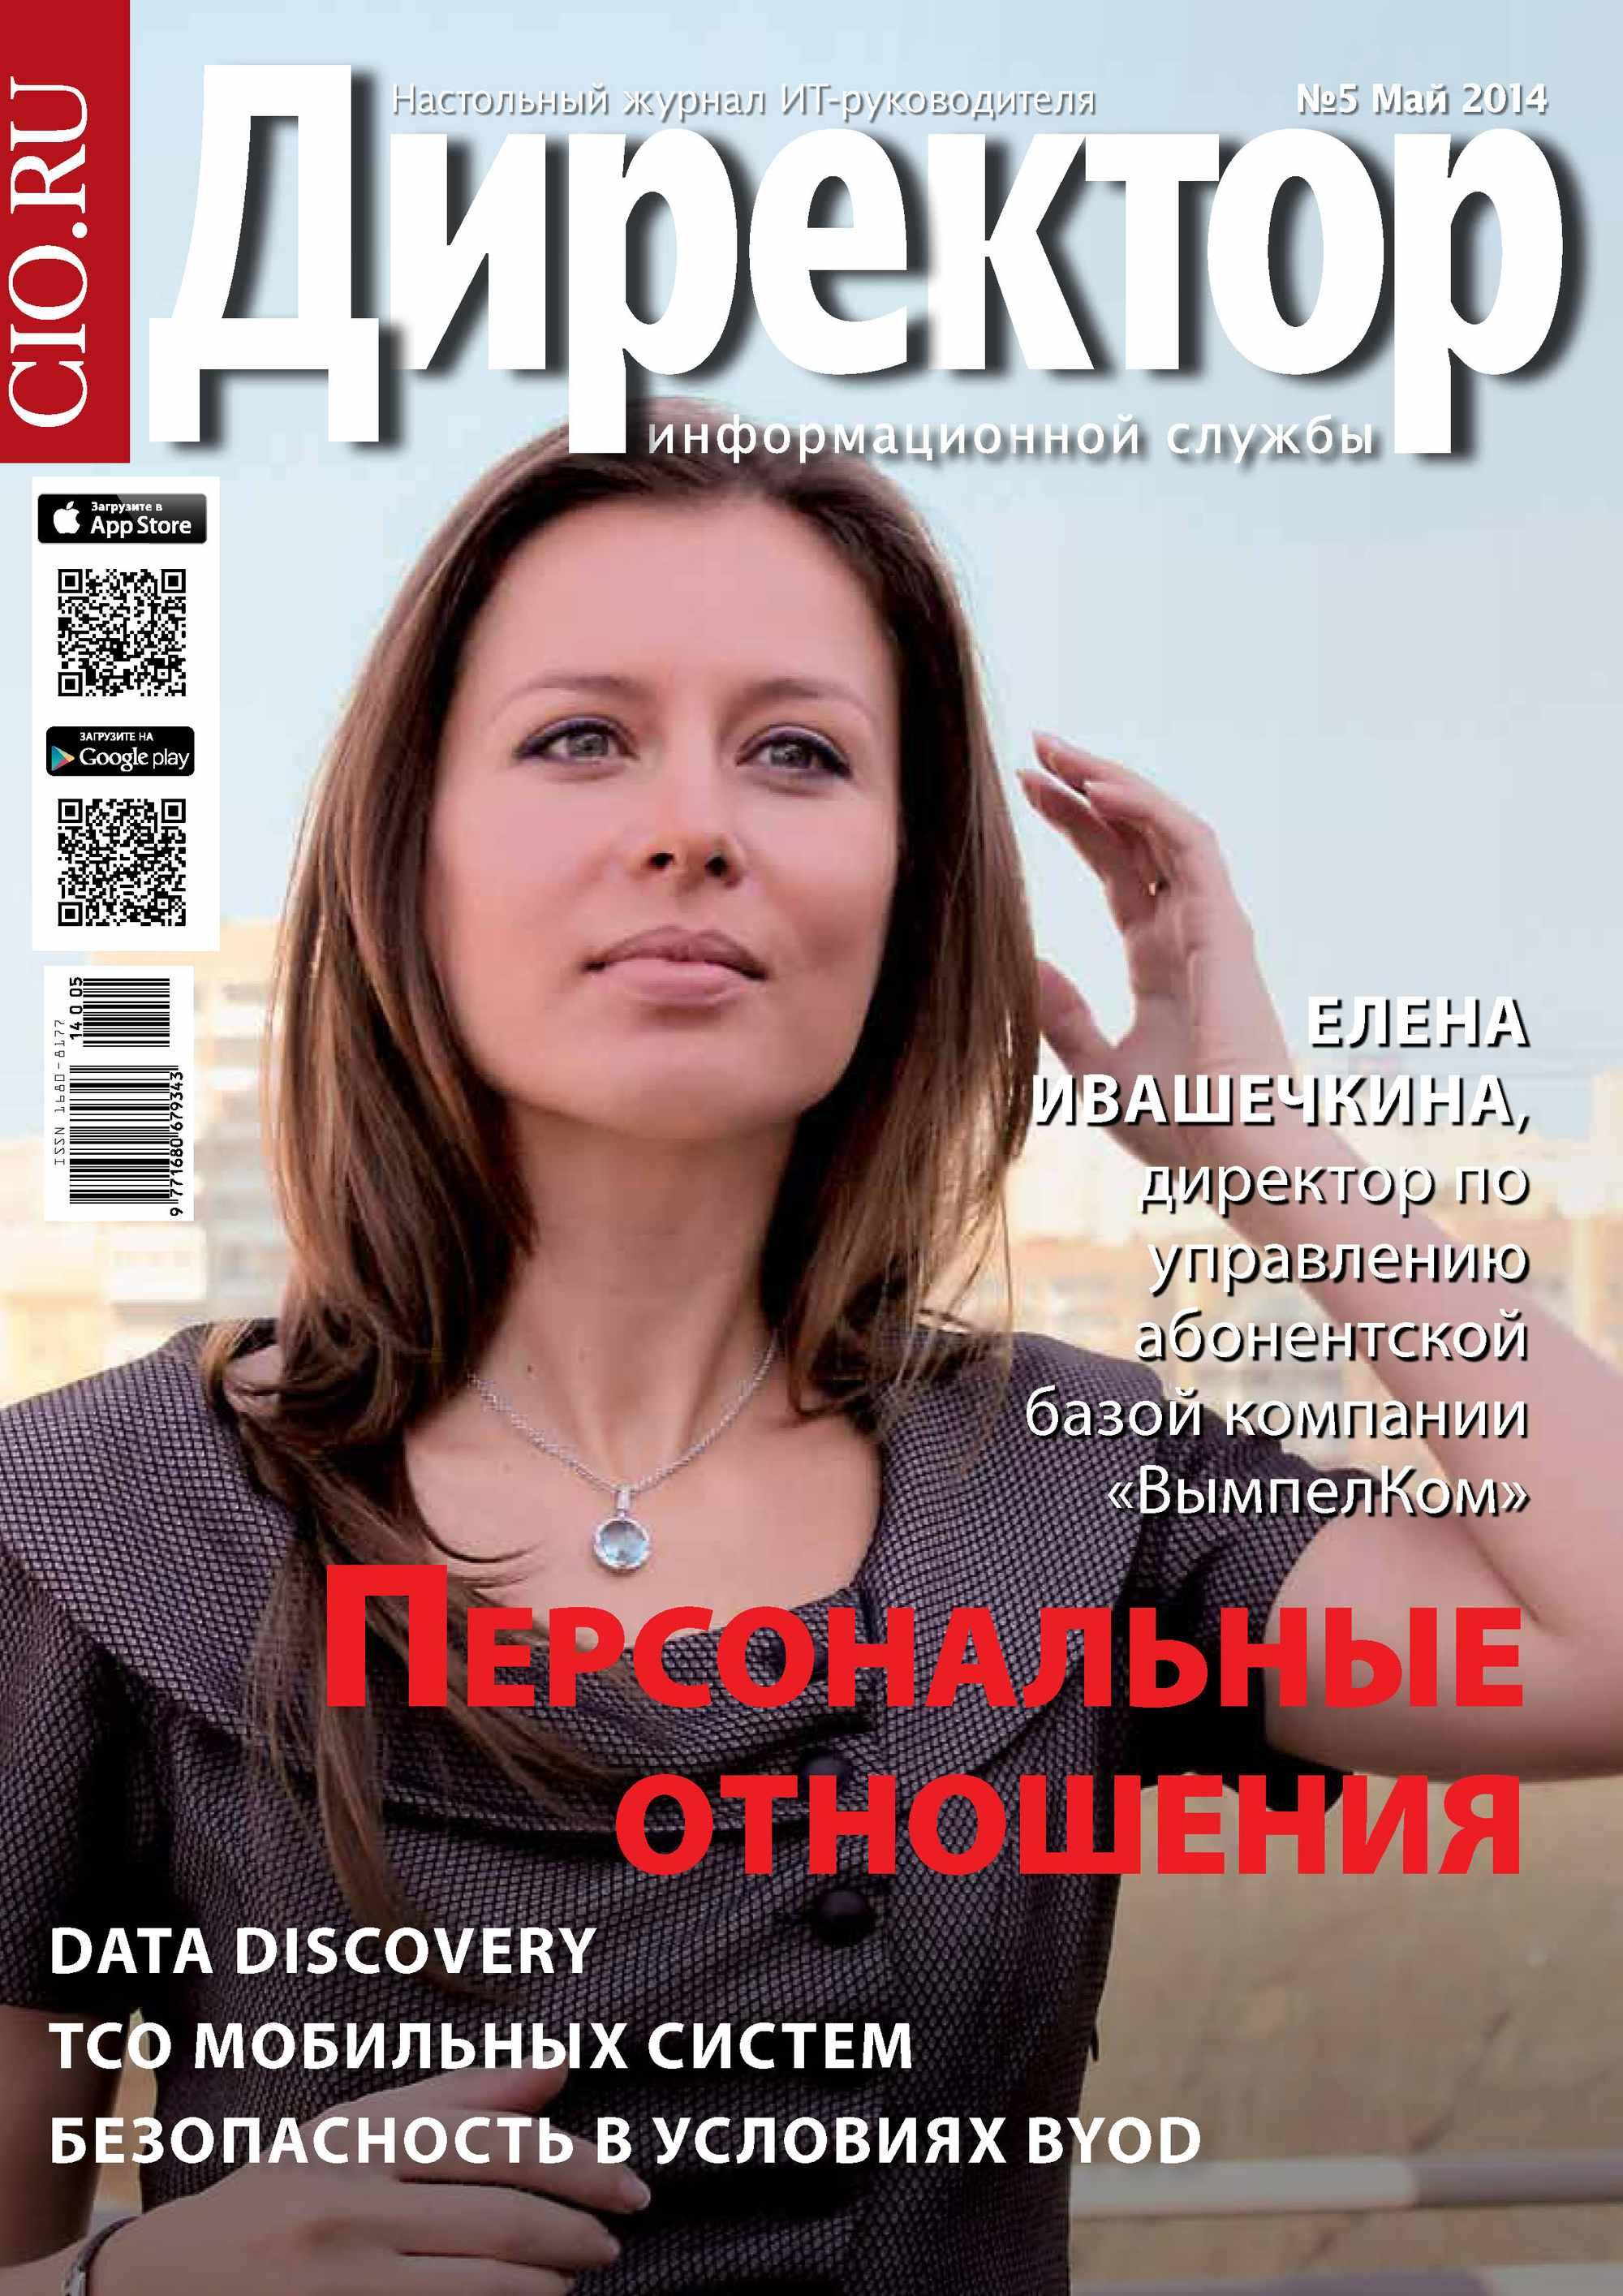 Открытые системы Директор информационной службы №05/2014